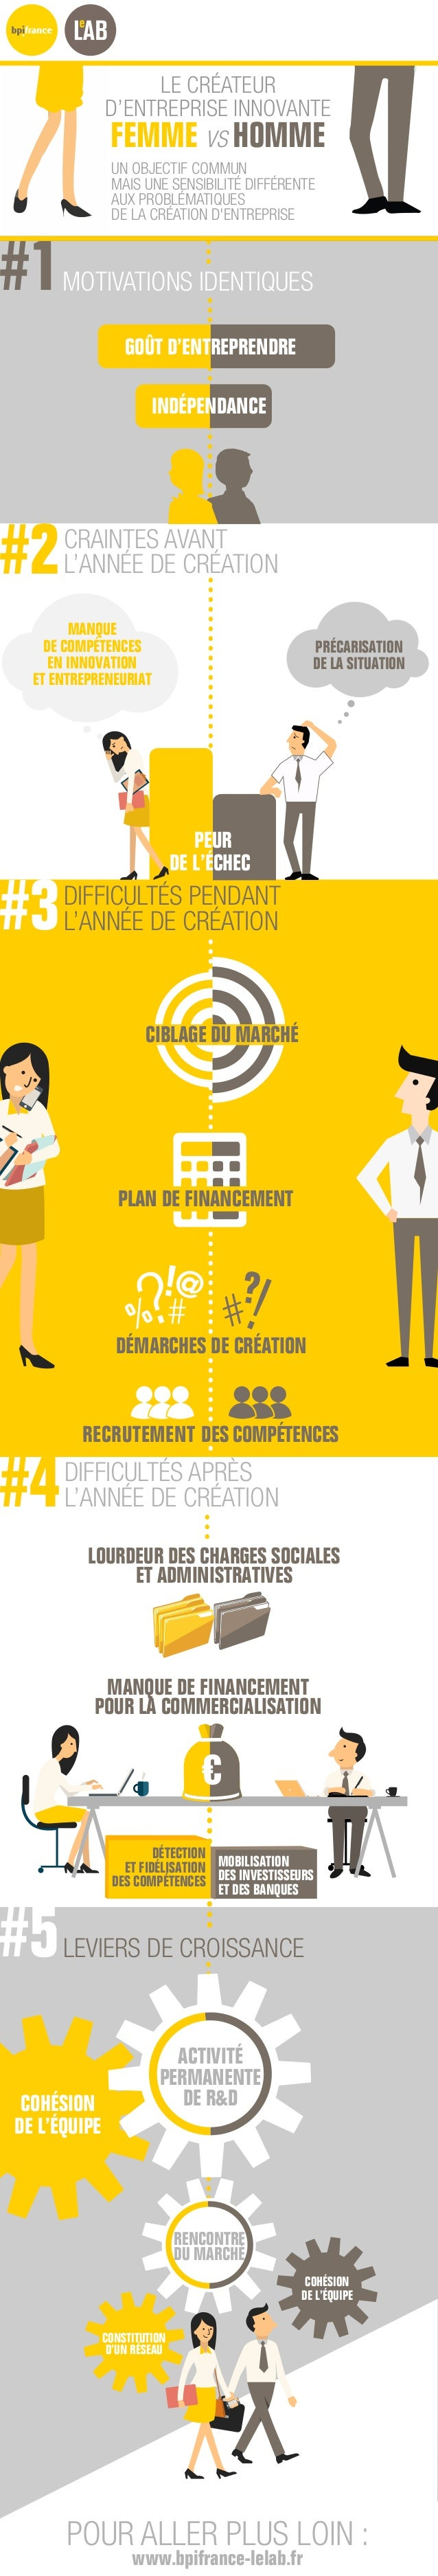 MANQUE DE FINANCEMENT POUR LA COMMERCIALISATION LOURDEUR DES CHARGES SOCIALES ET ADMINISTRATIVES MOTIVATIONS IDENTIQUES#1 ...